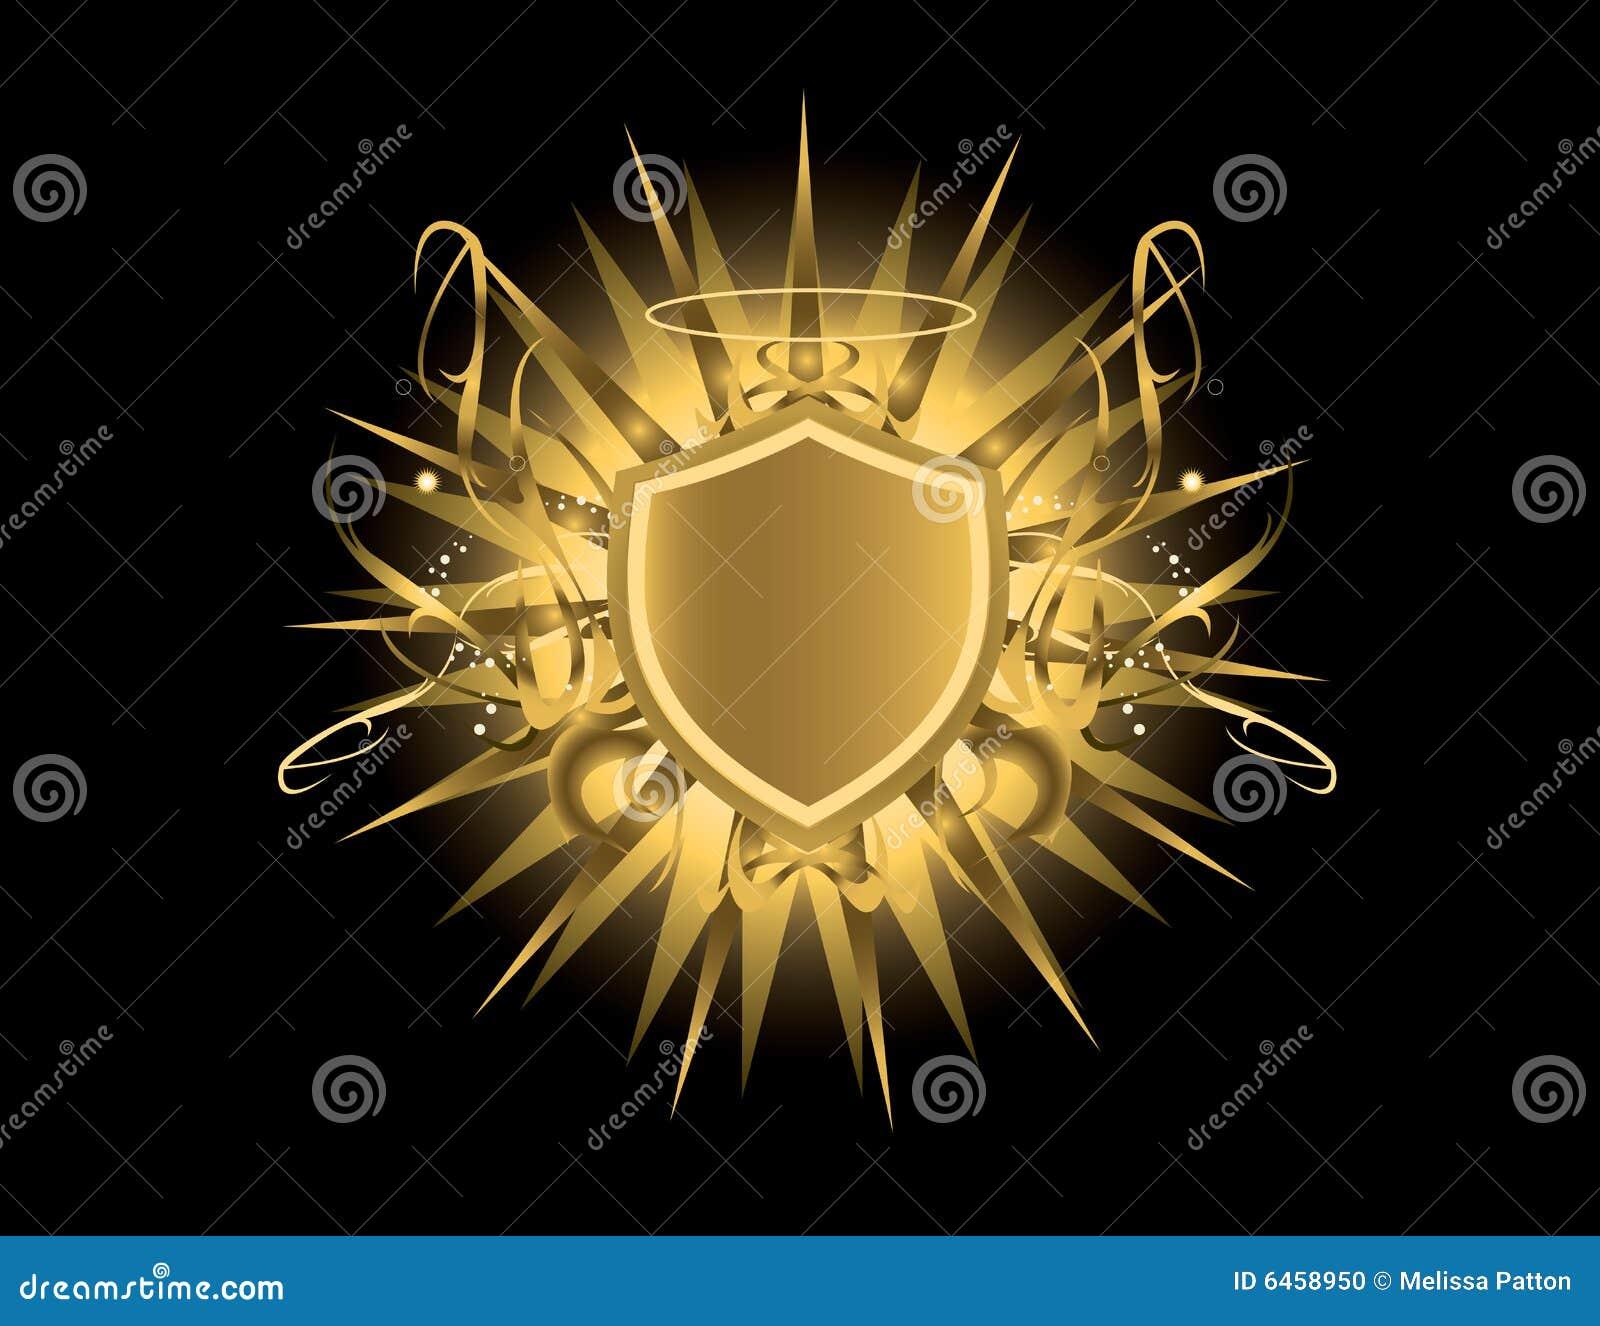 Złota tarcza aureolę